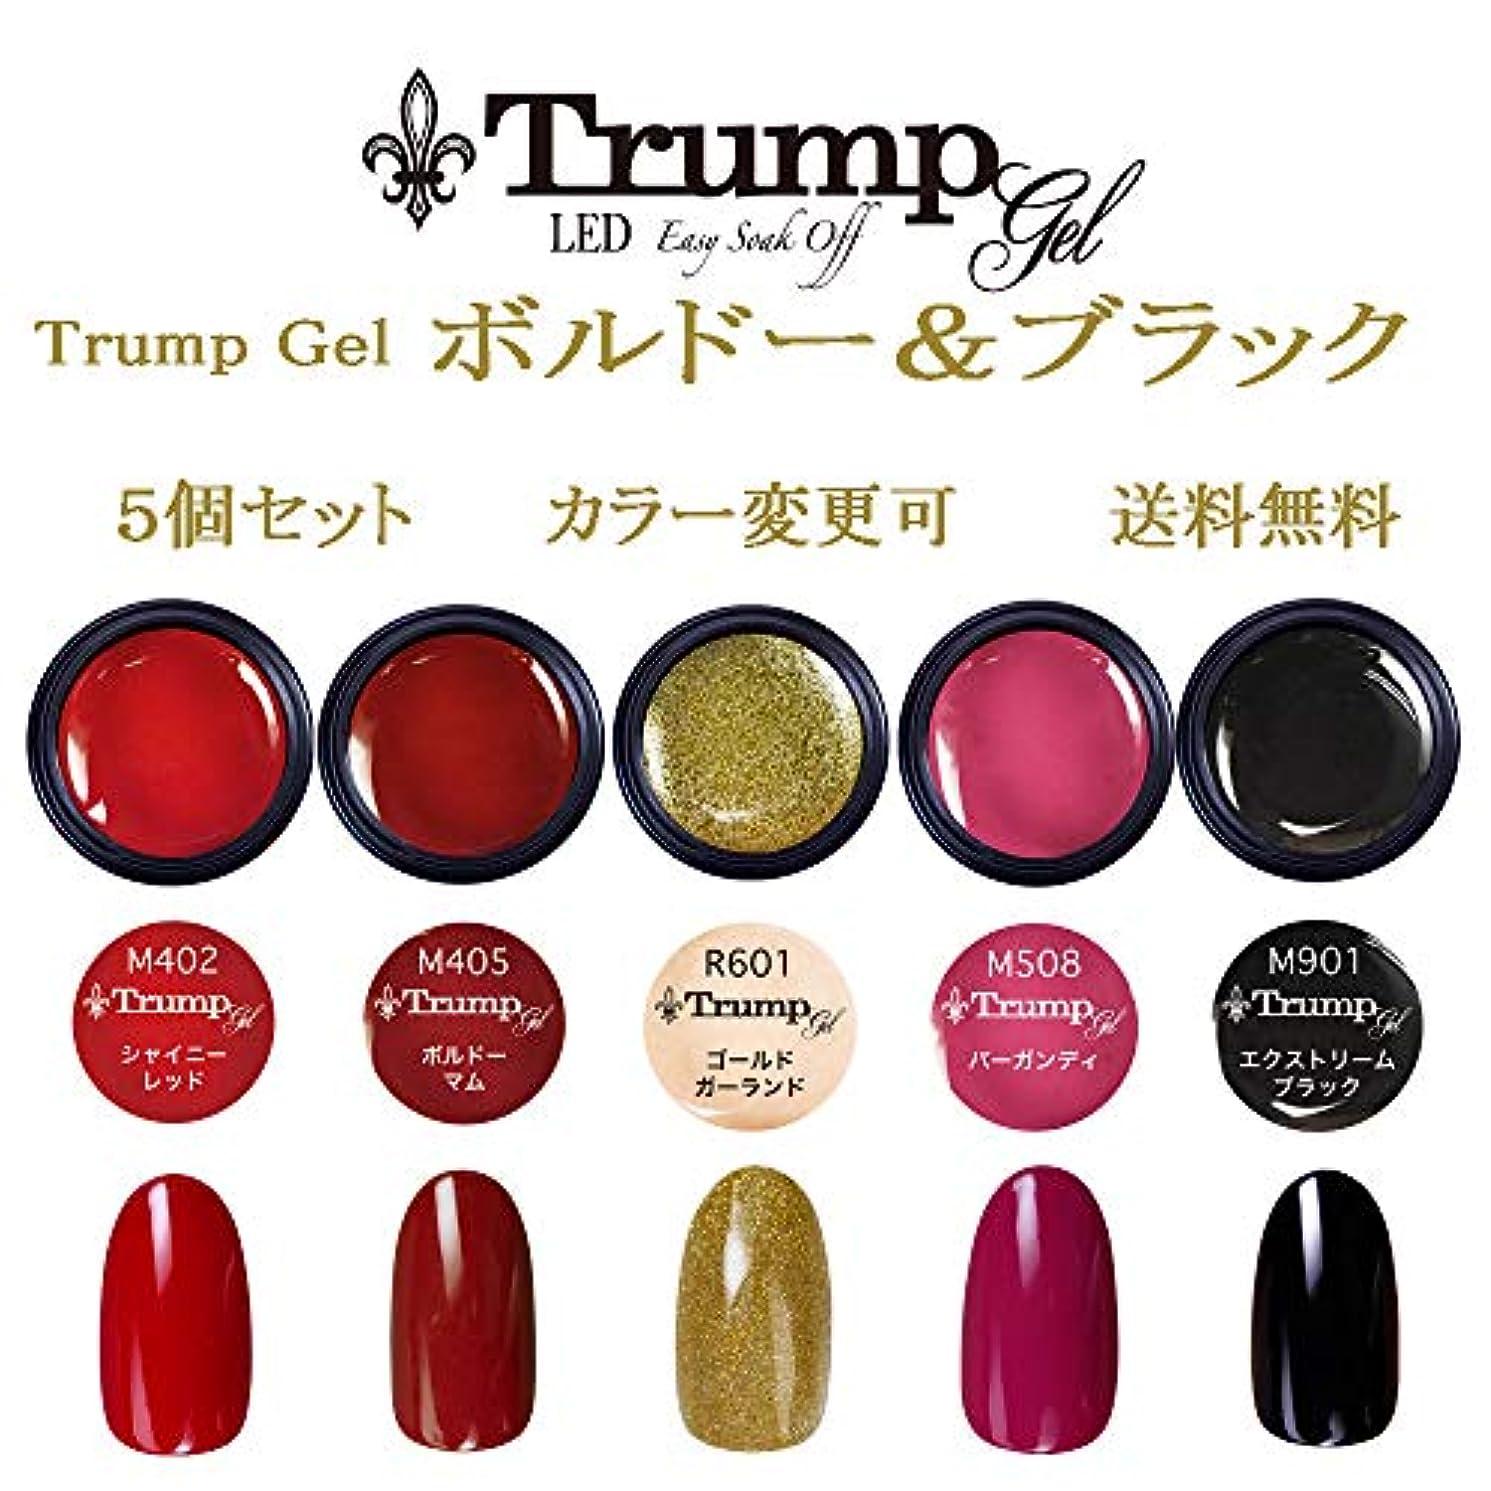 地上で倒産成熟した日本製 Trump gel トランプジェル ボルドー & ブラック ネイル 選べる カラージェル 5個セット ワイン ボルドー ゴールド パープル ブラック